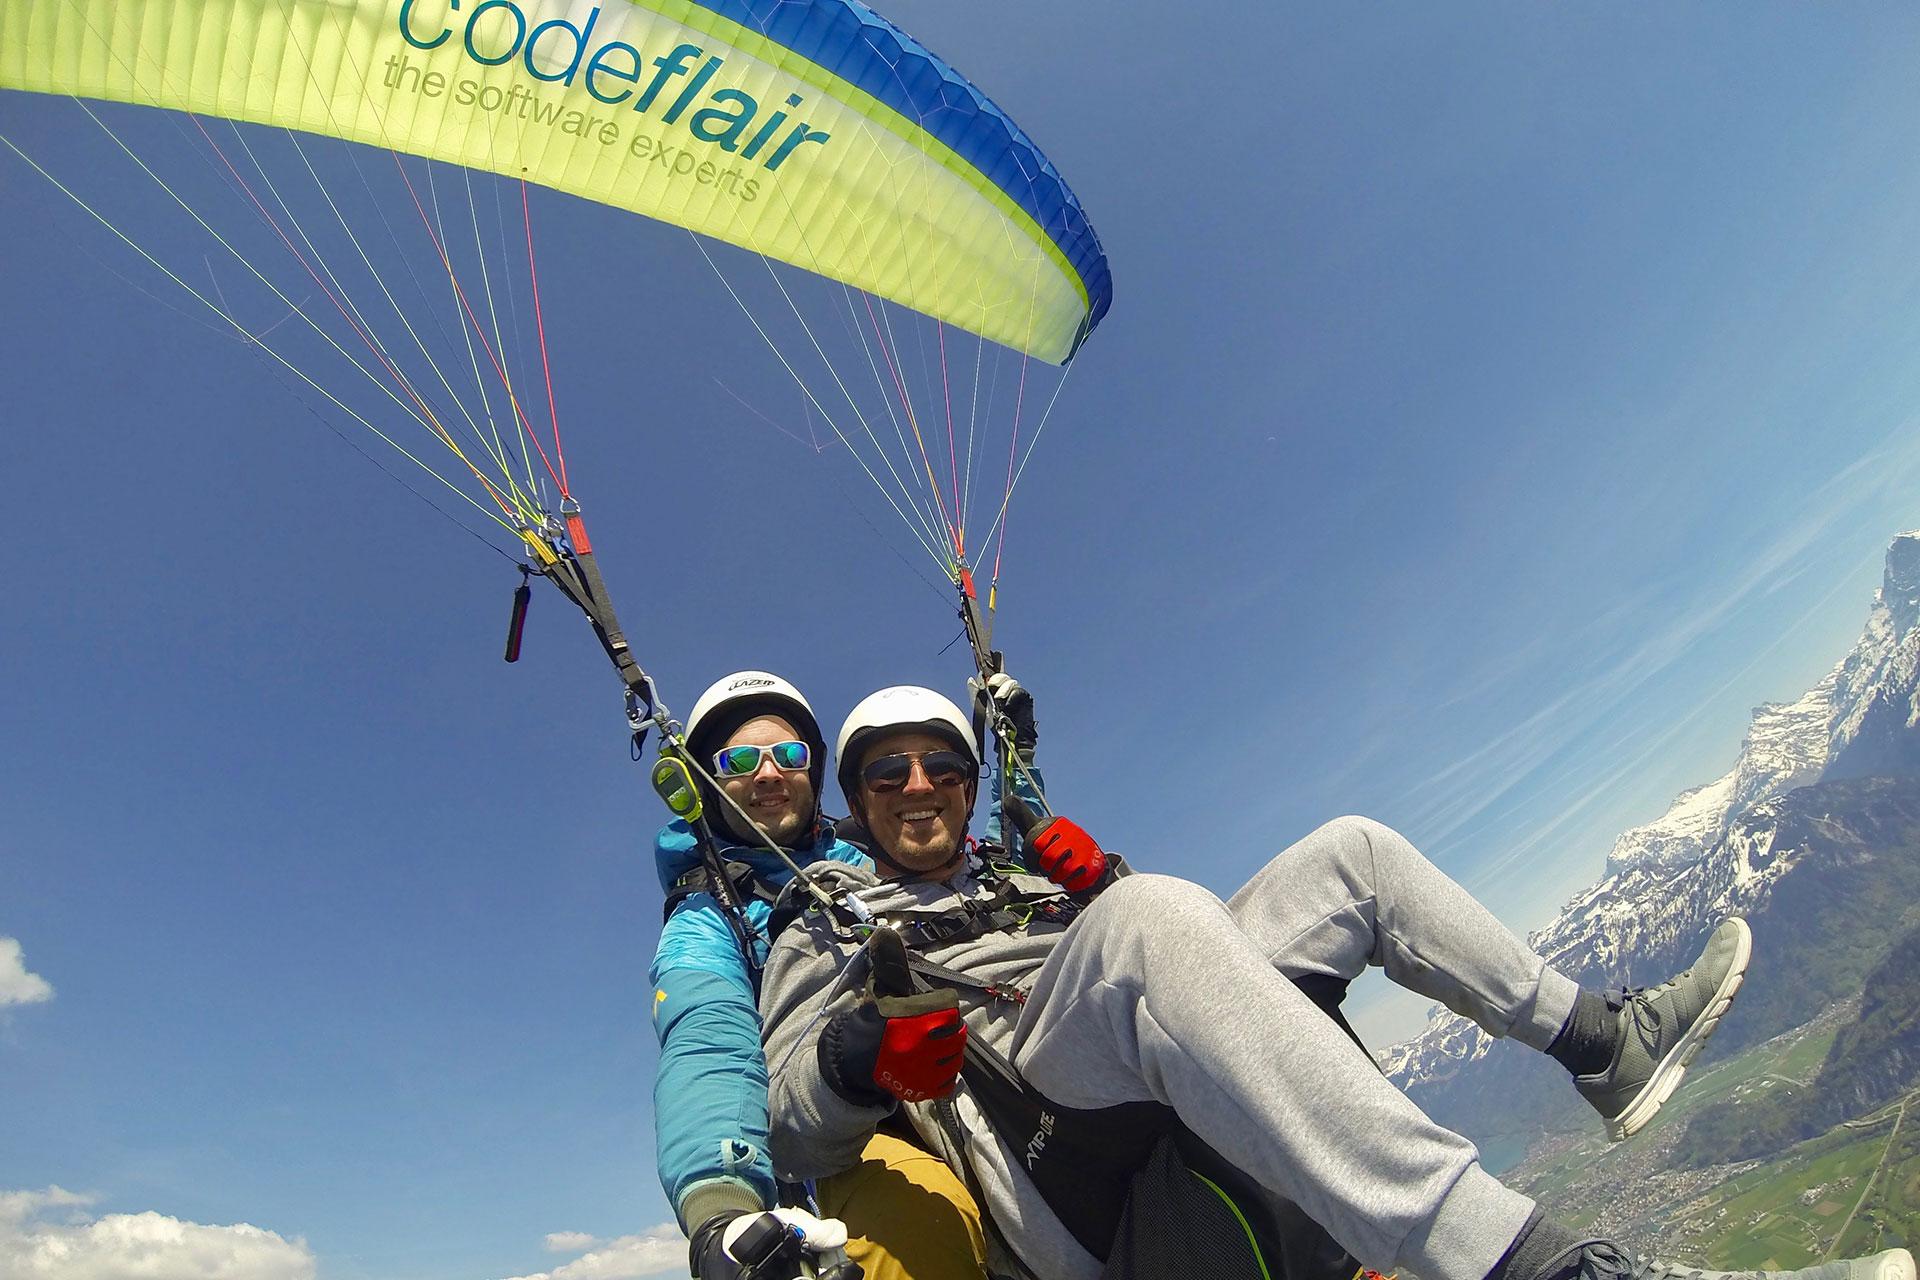 codeflair fun paragliding team building